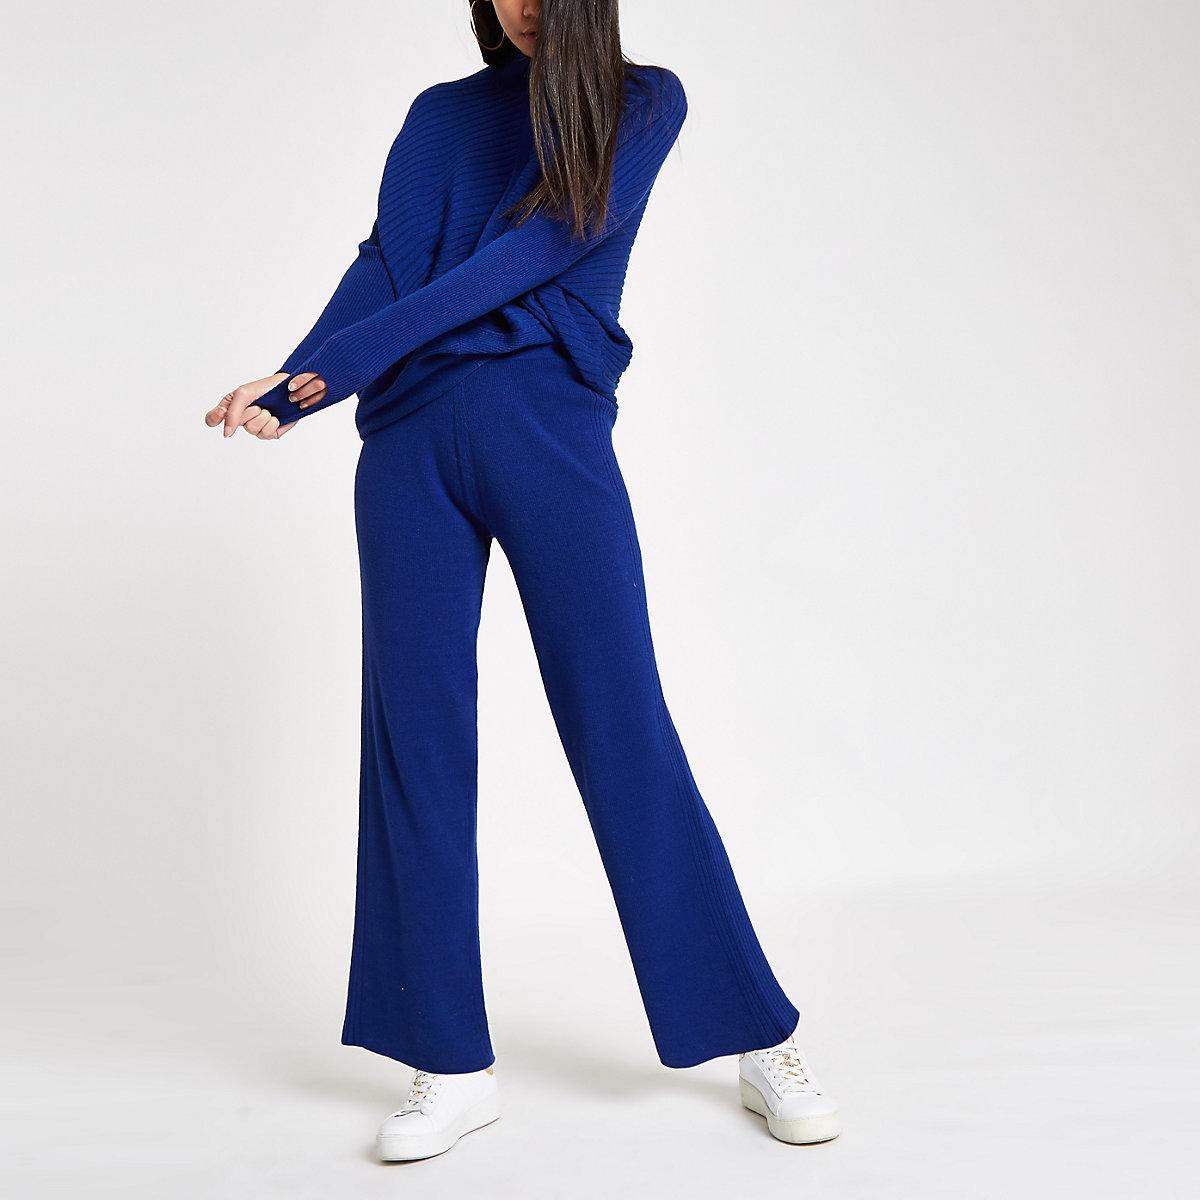 Blue knit wide leg trousers